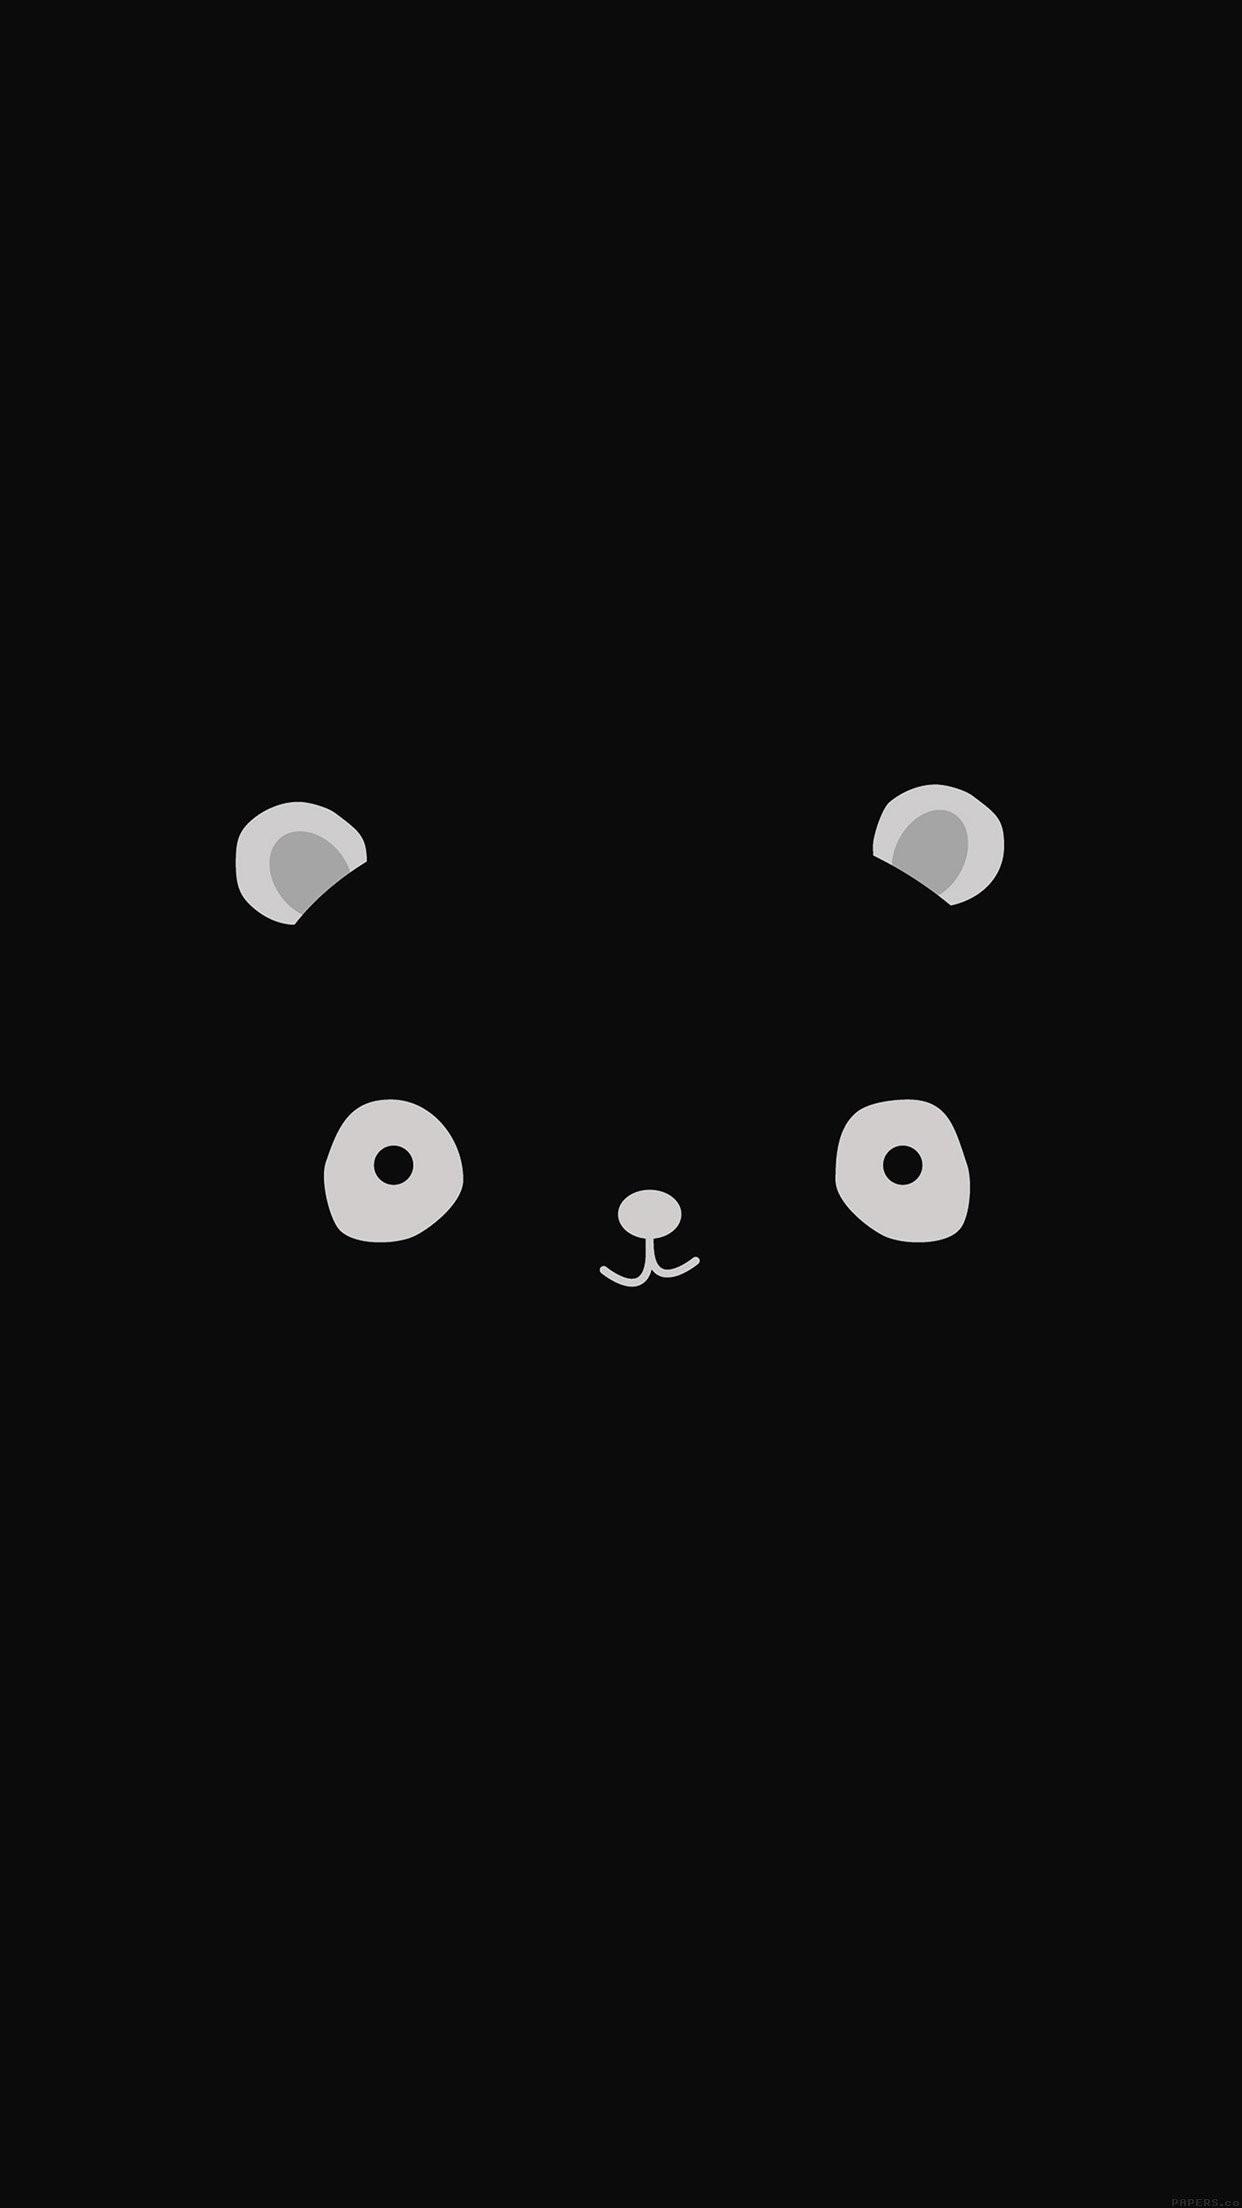 2560x1600 Panda Wallpaper Free